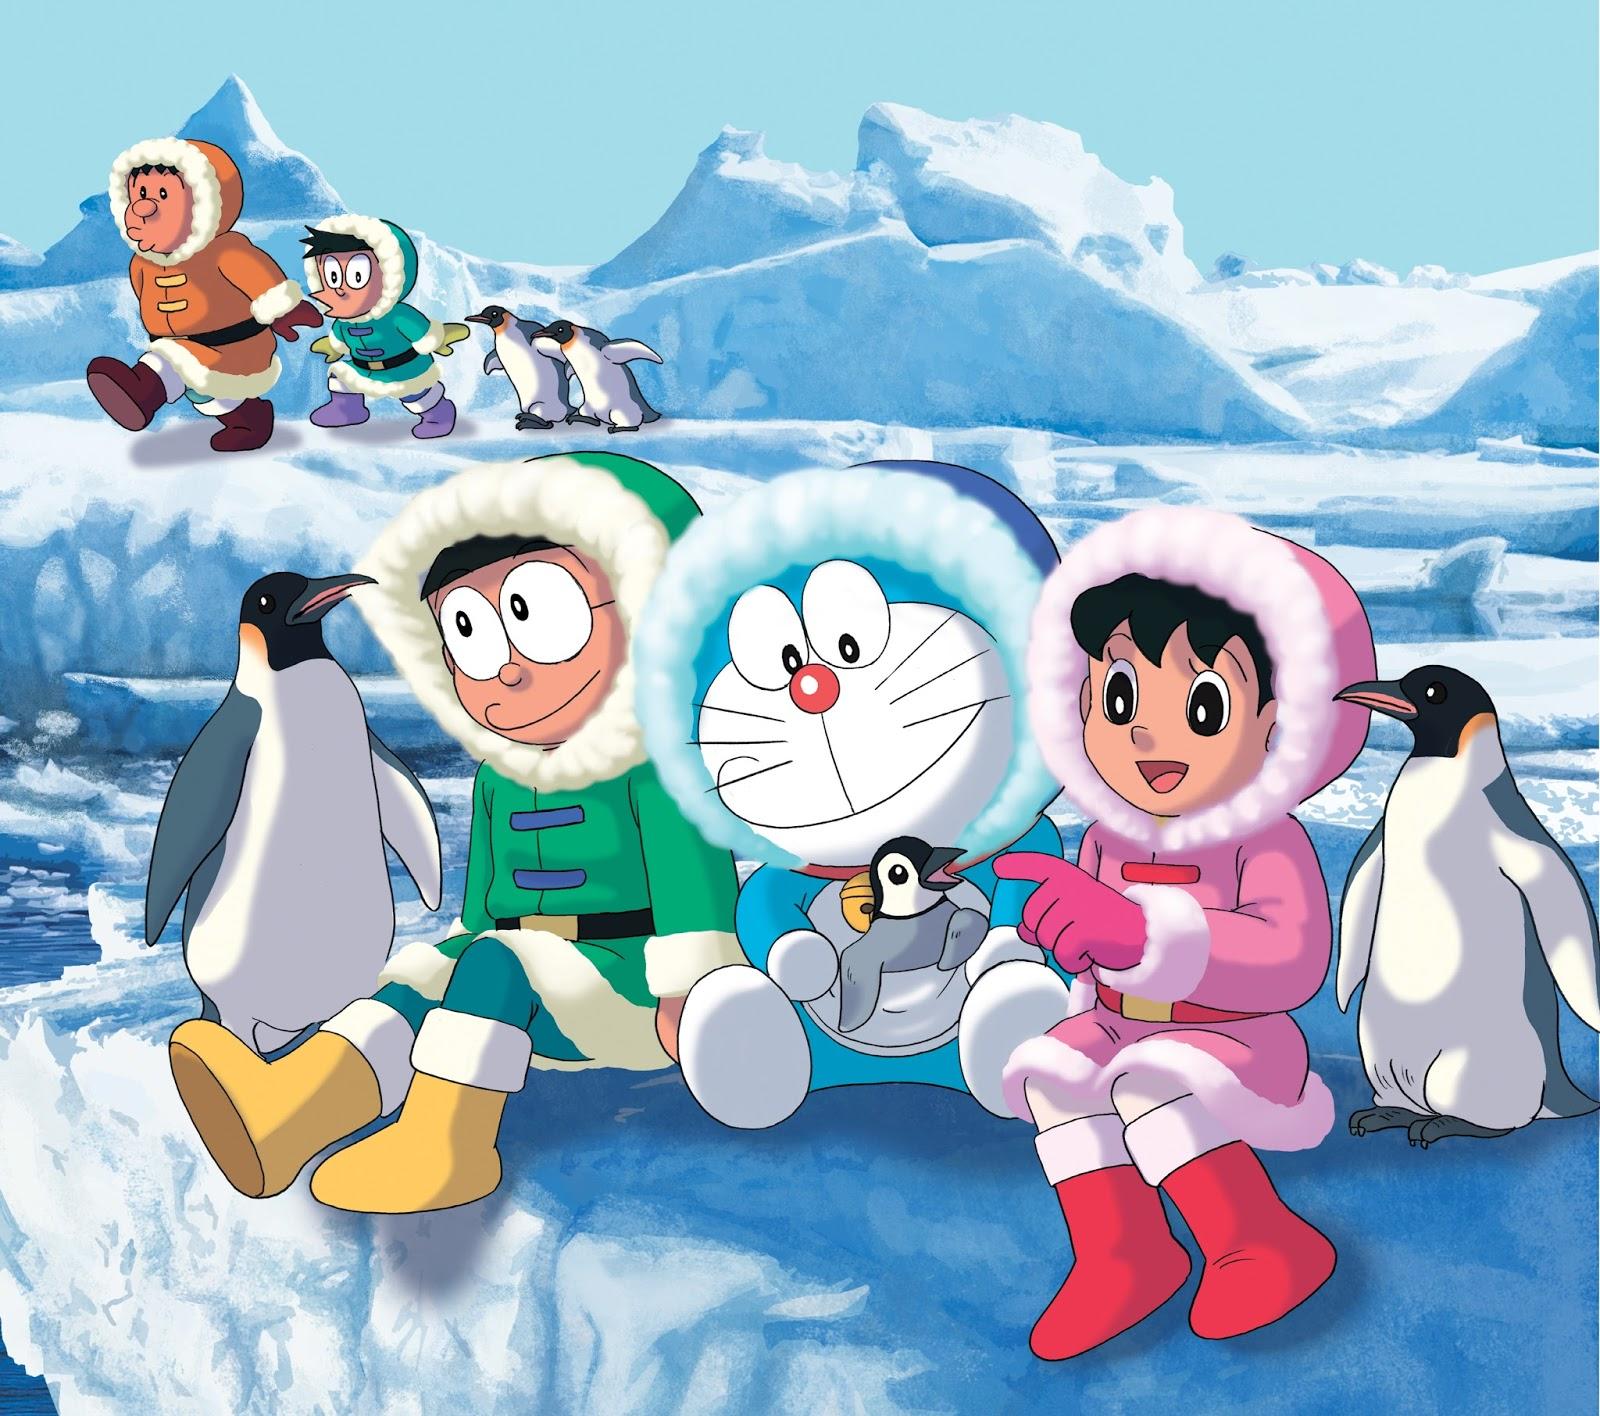 Doraemon Content